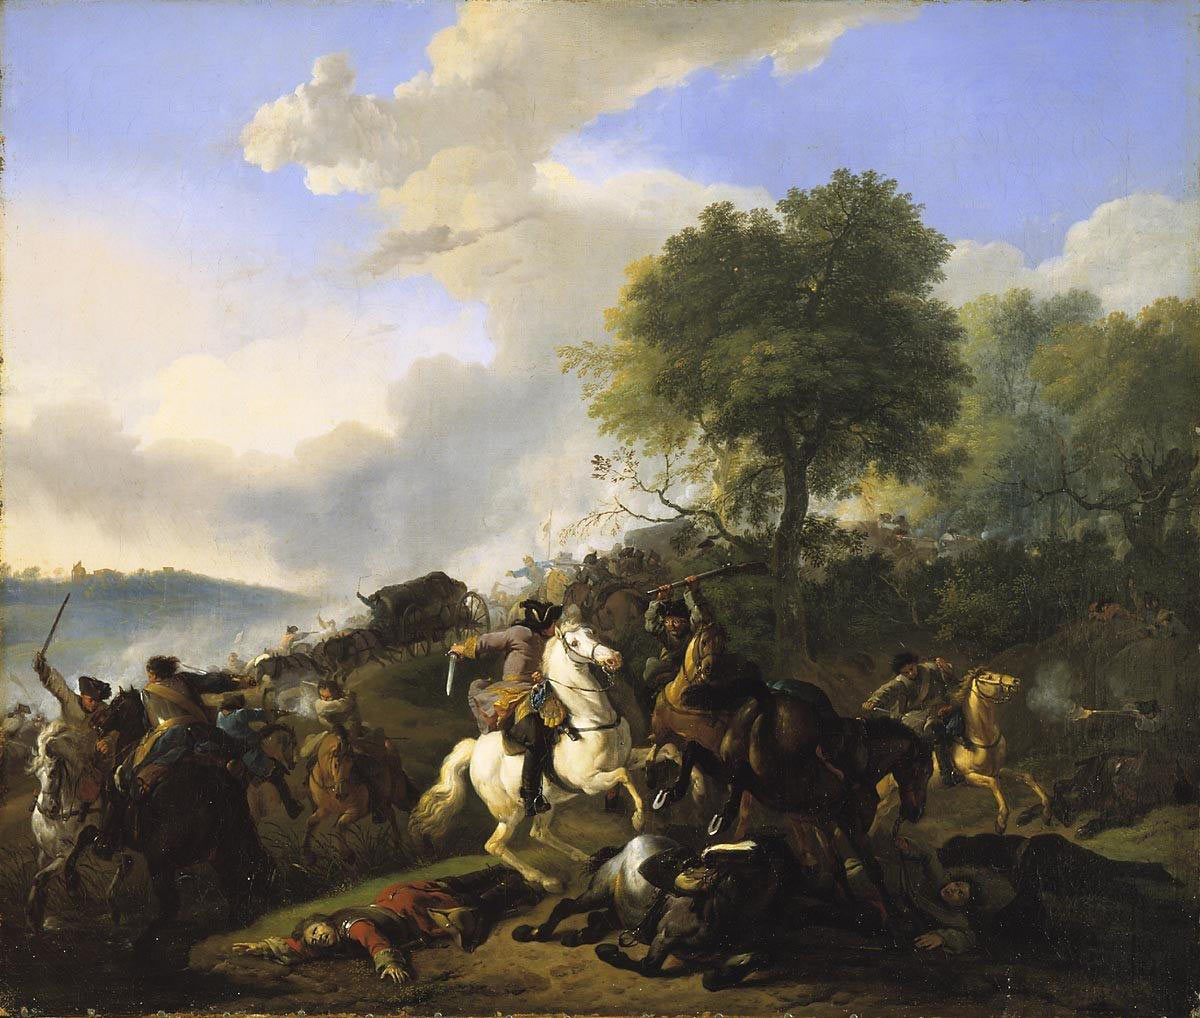 Cavalry battle: Battle of Lauffeldt 21st June 1747 in the War of the Austrian Succession: picture by Jan van Huchtenburg